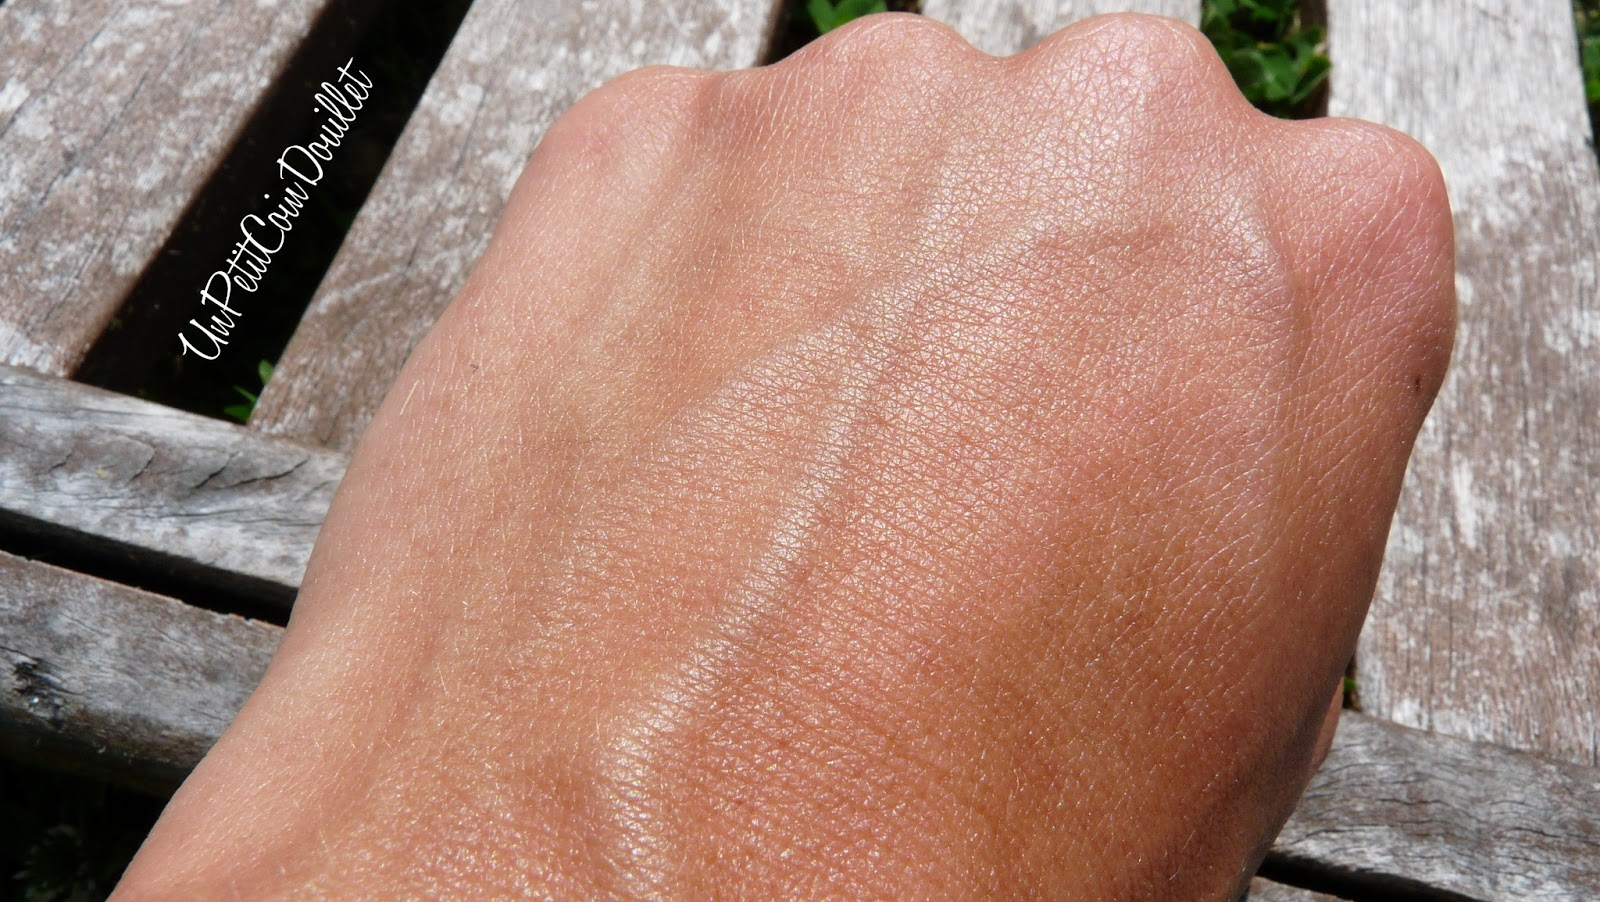 Le coin douillet de charl ne bon ou mauvais polaar - Peche a peau lisse ...